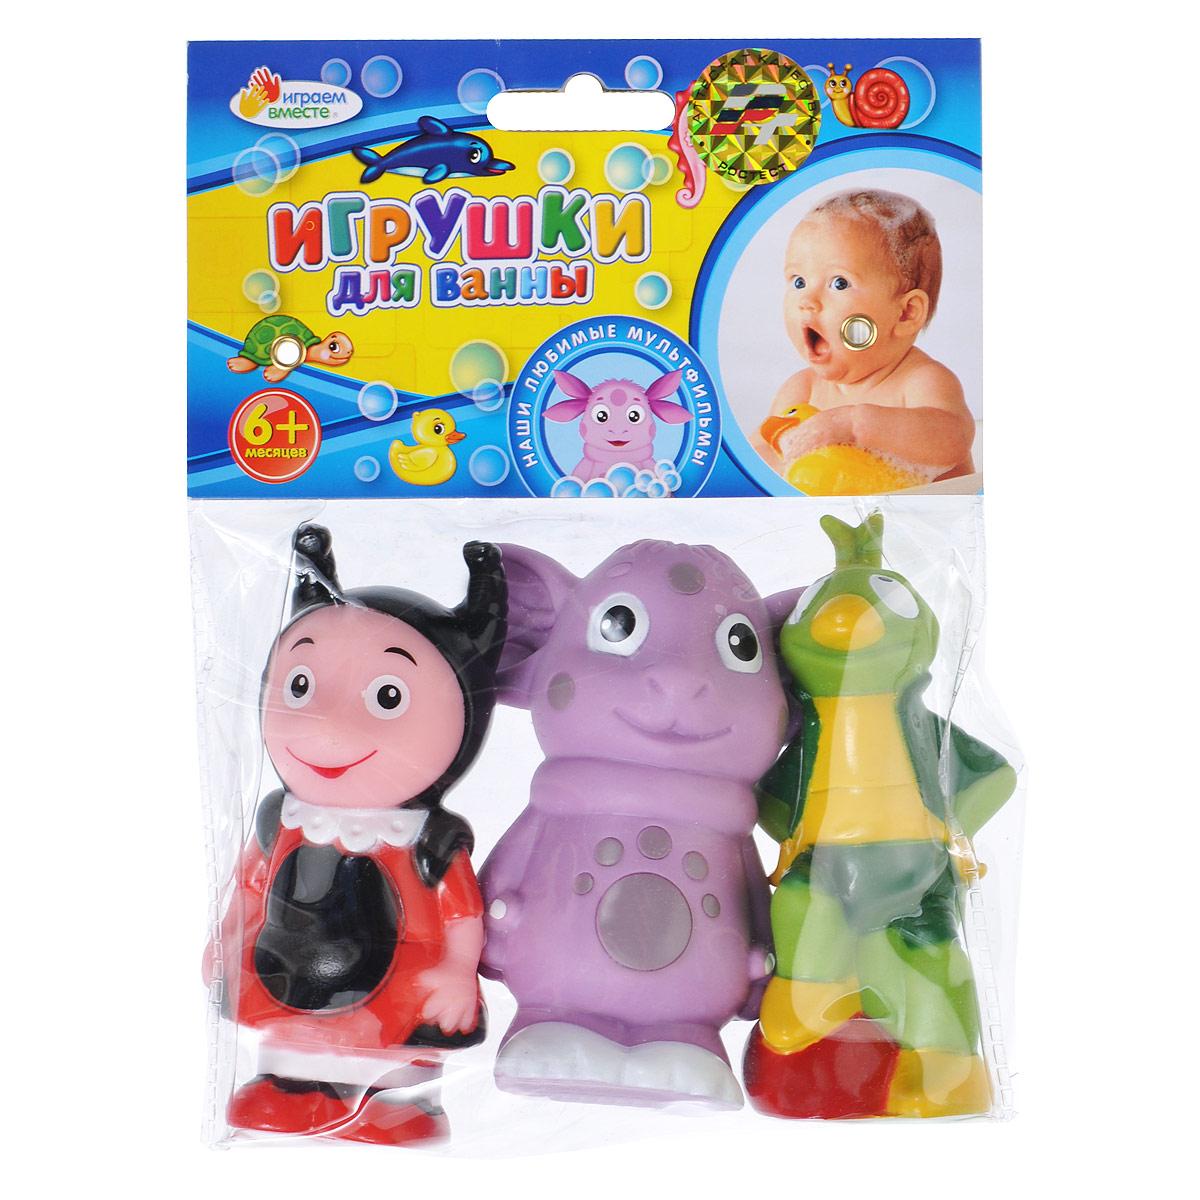 Набор игрушек для ванны Играем вместе Лунтик, Мила и Кузя, 3 шт набор игрушек для ванны играем вместе львенок и черепаха